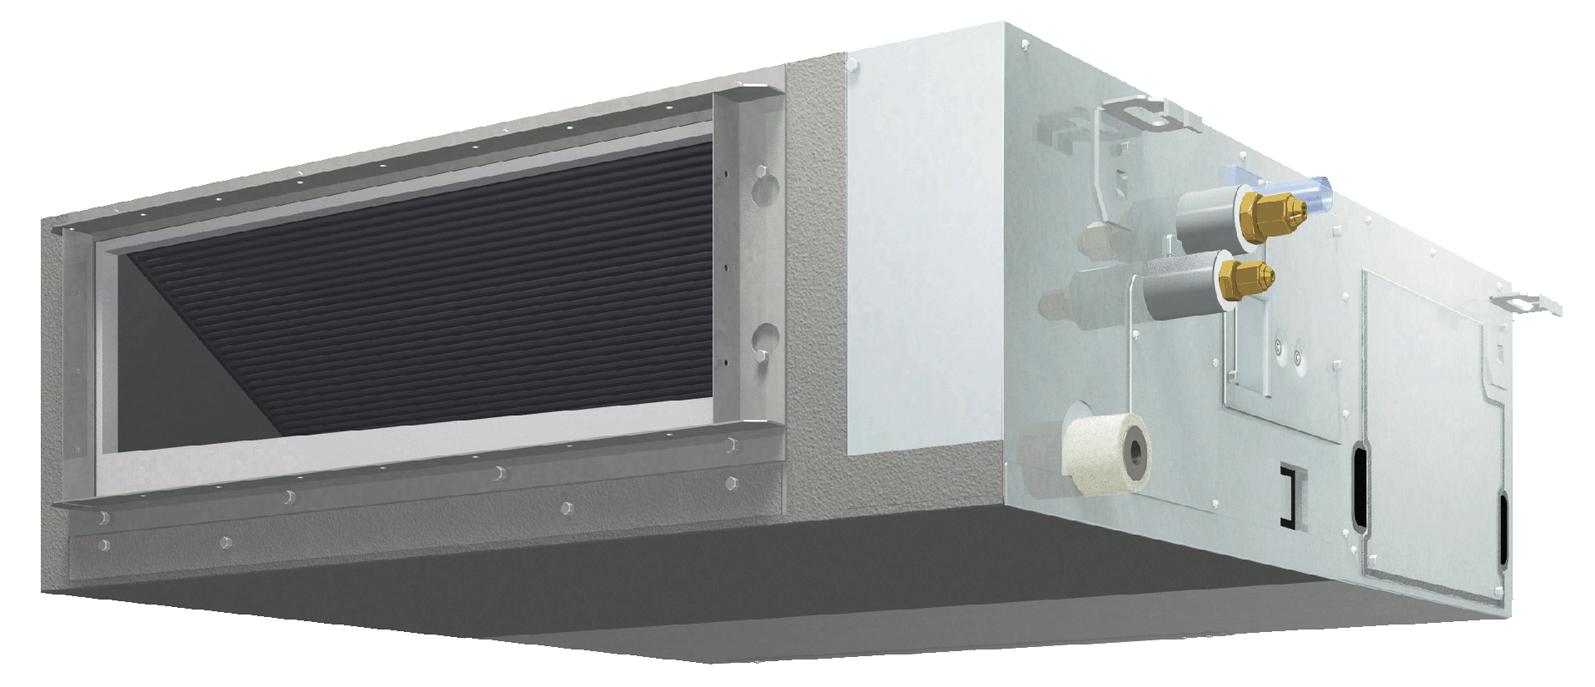 ###ダイキン 業務用エアコン【SZRMM50BCV】 天井埋込ダクト形(標準タイプ) ペア 2馬力 ワイヤード 単相200V Eco ZEAS